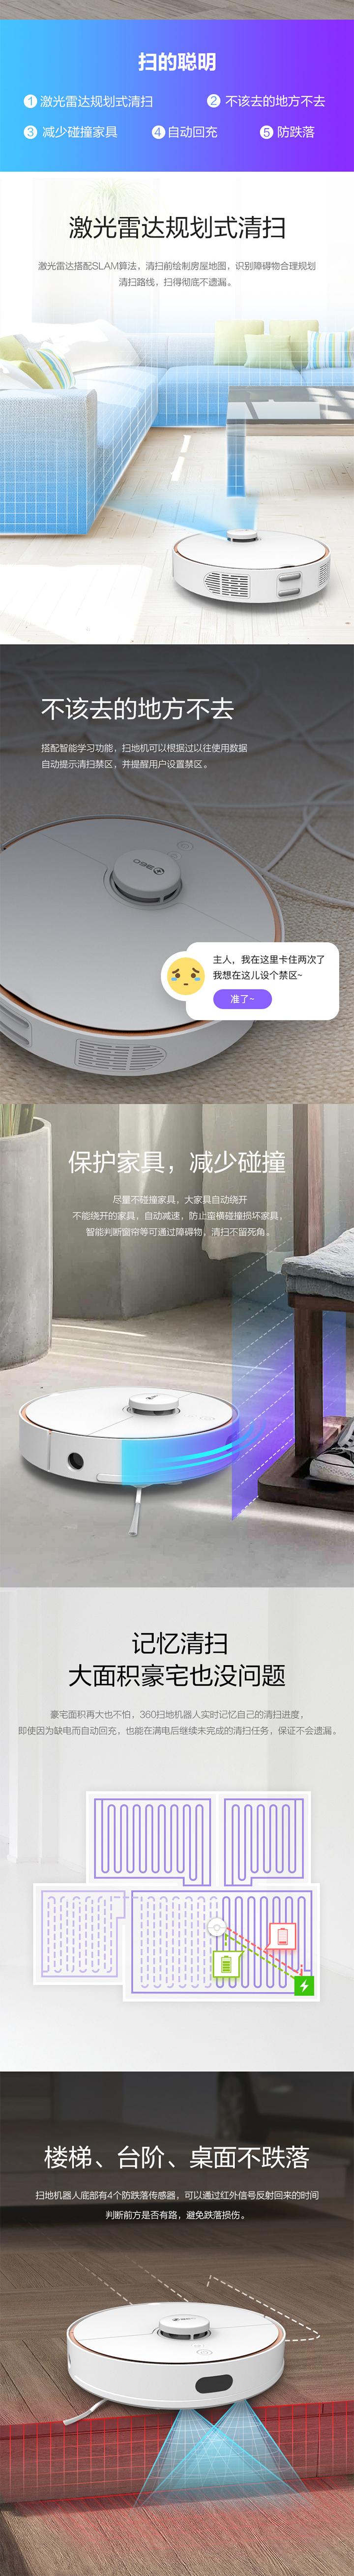 360扫地机器人S7免费试用,评测